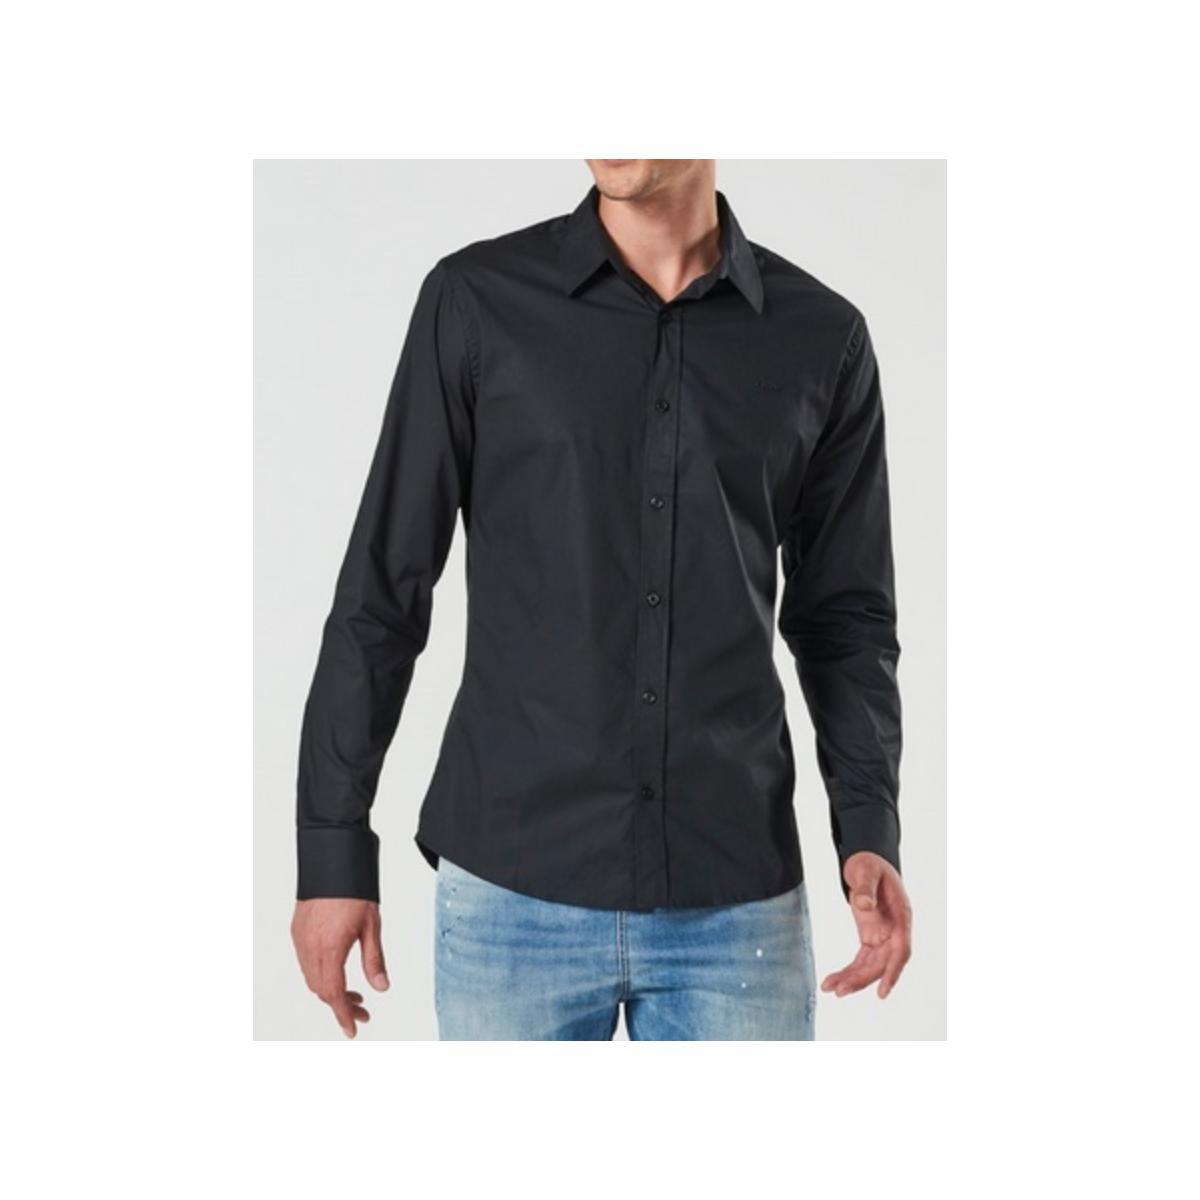 Camisa Masculina Colcci 310103194 0050 Preto